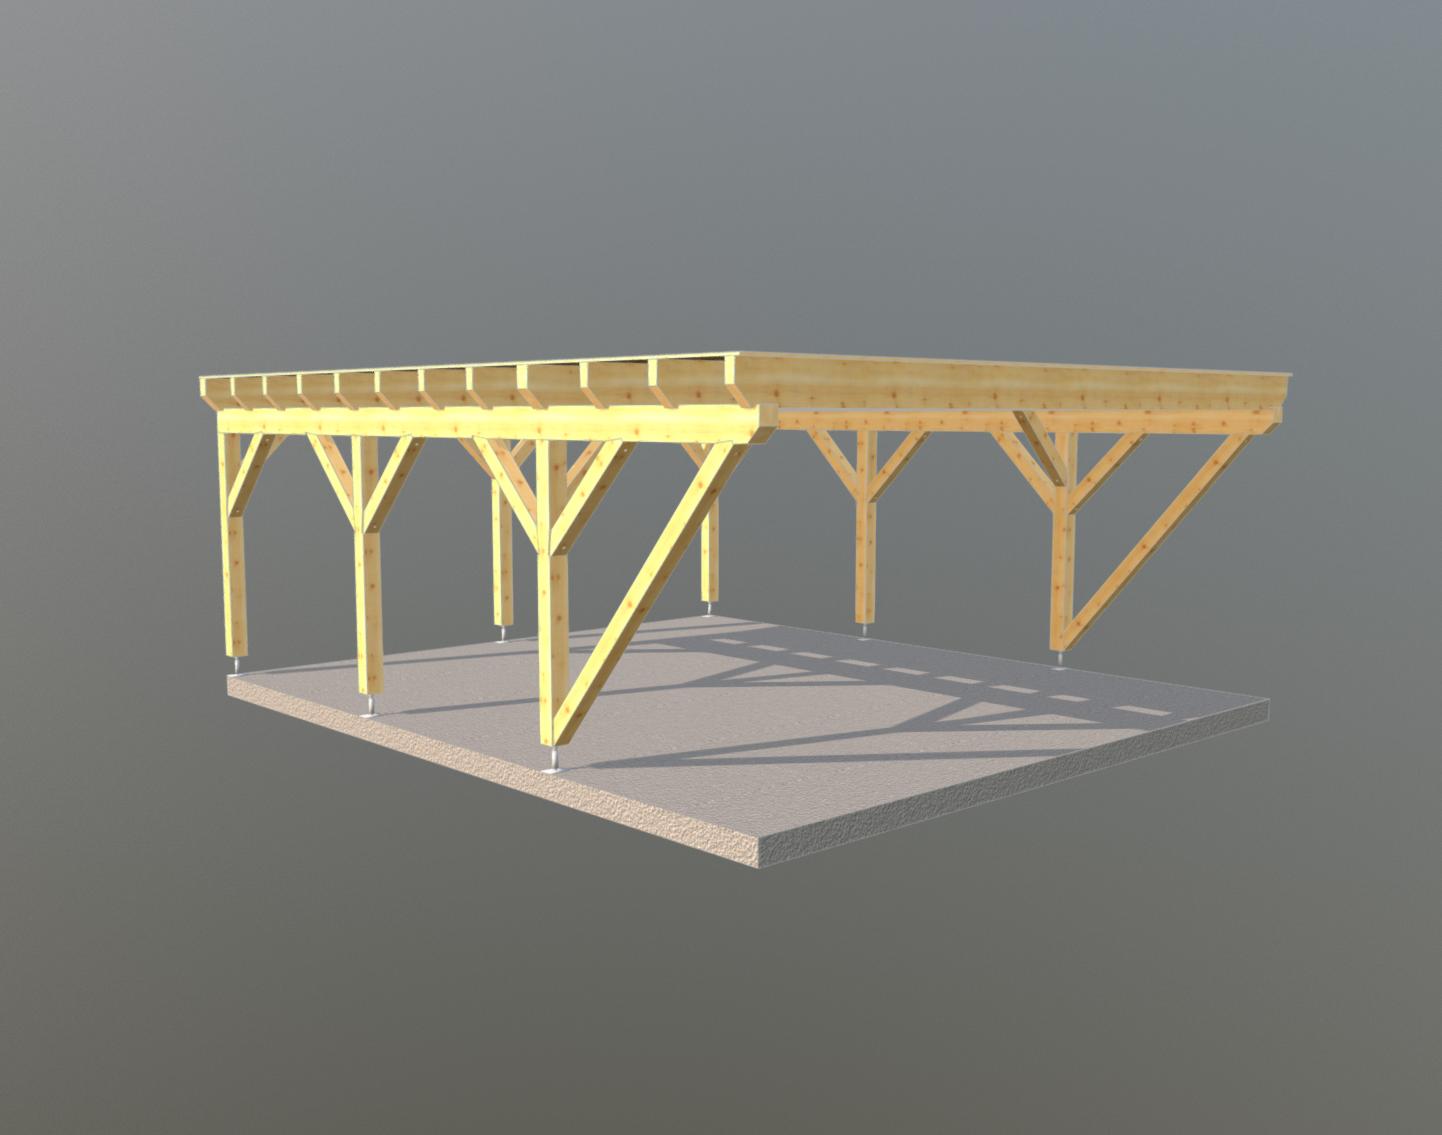 Holz carport 6m x 7m, carports aus polen, gartenhaus aus